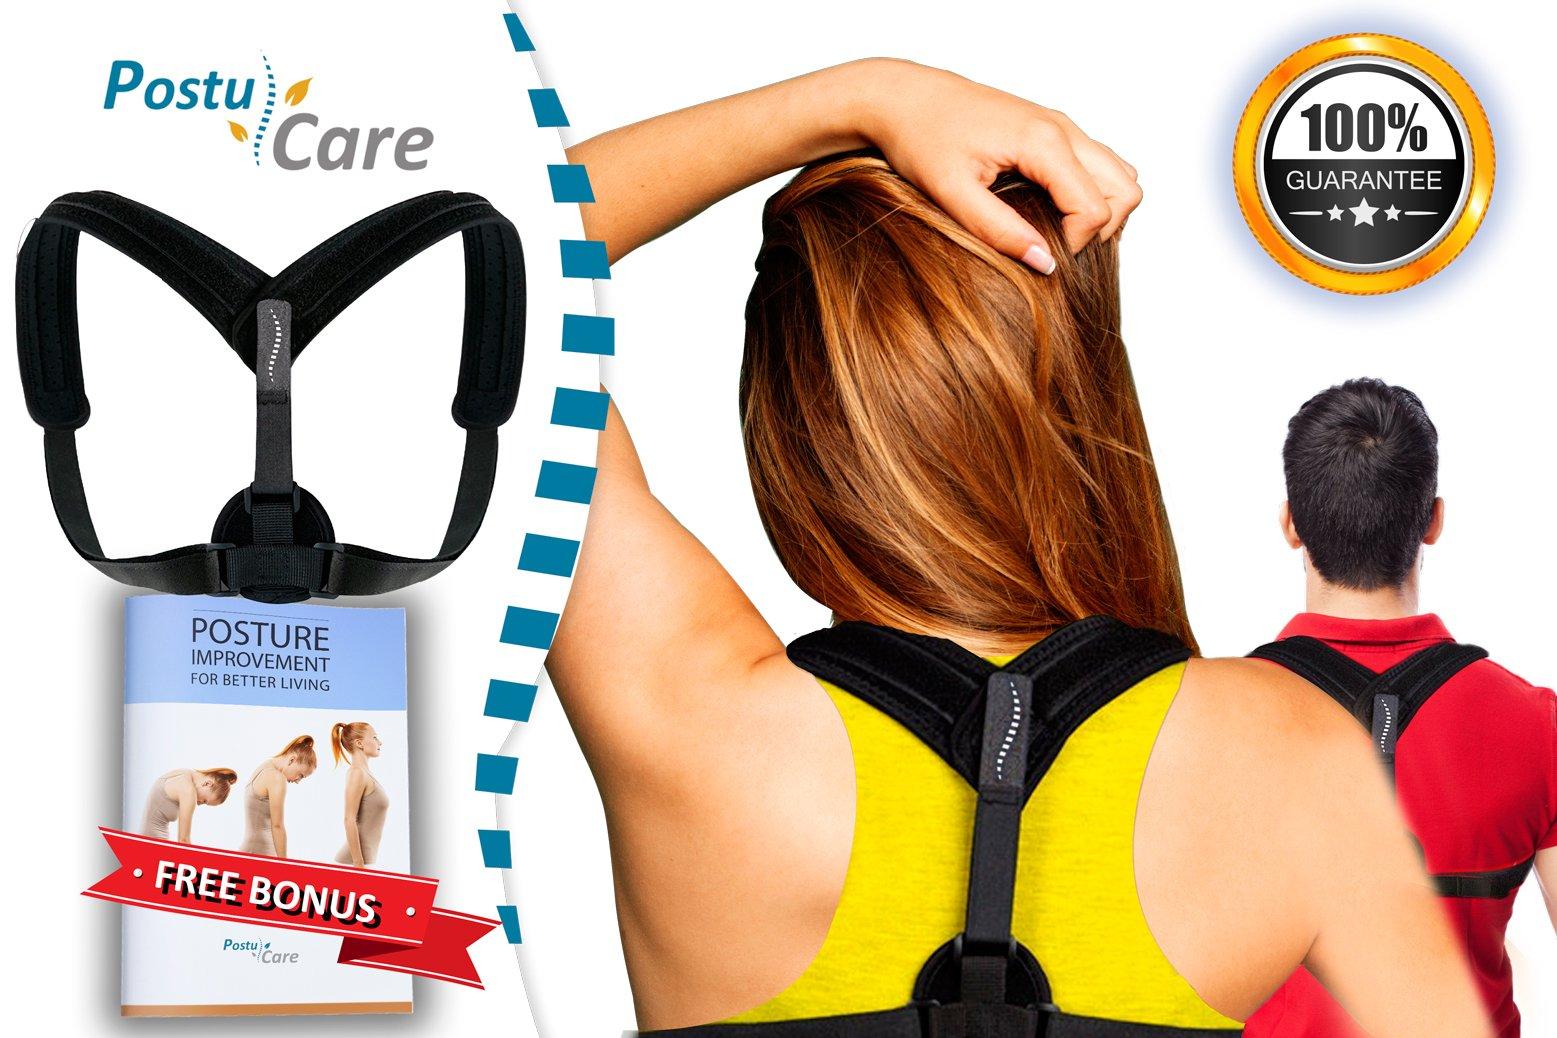 Adjustable Posture Corrector Back Brace for Women & Men Clavicle Brace,Improve Thoracic Kyphosis, Shoulder Support, by Postu Care